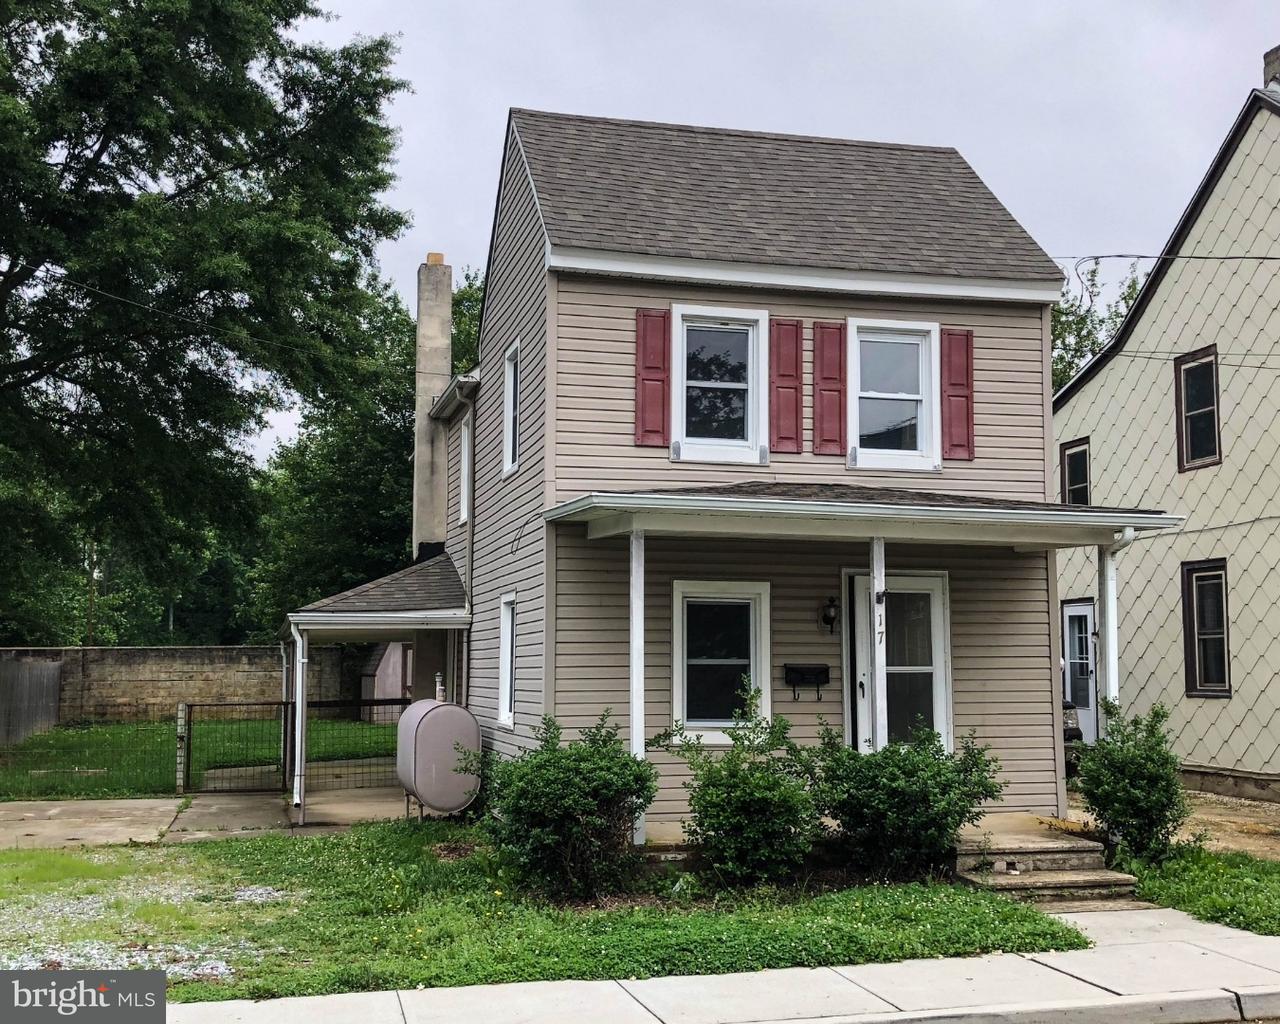 Casa Unifamiliar por un Alquiler en 17 E MILLBROOKE Avenue Woodstown, Nueva Jersey 08098 Estados Unidos